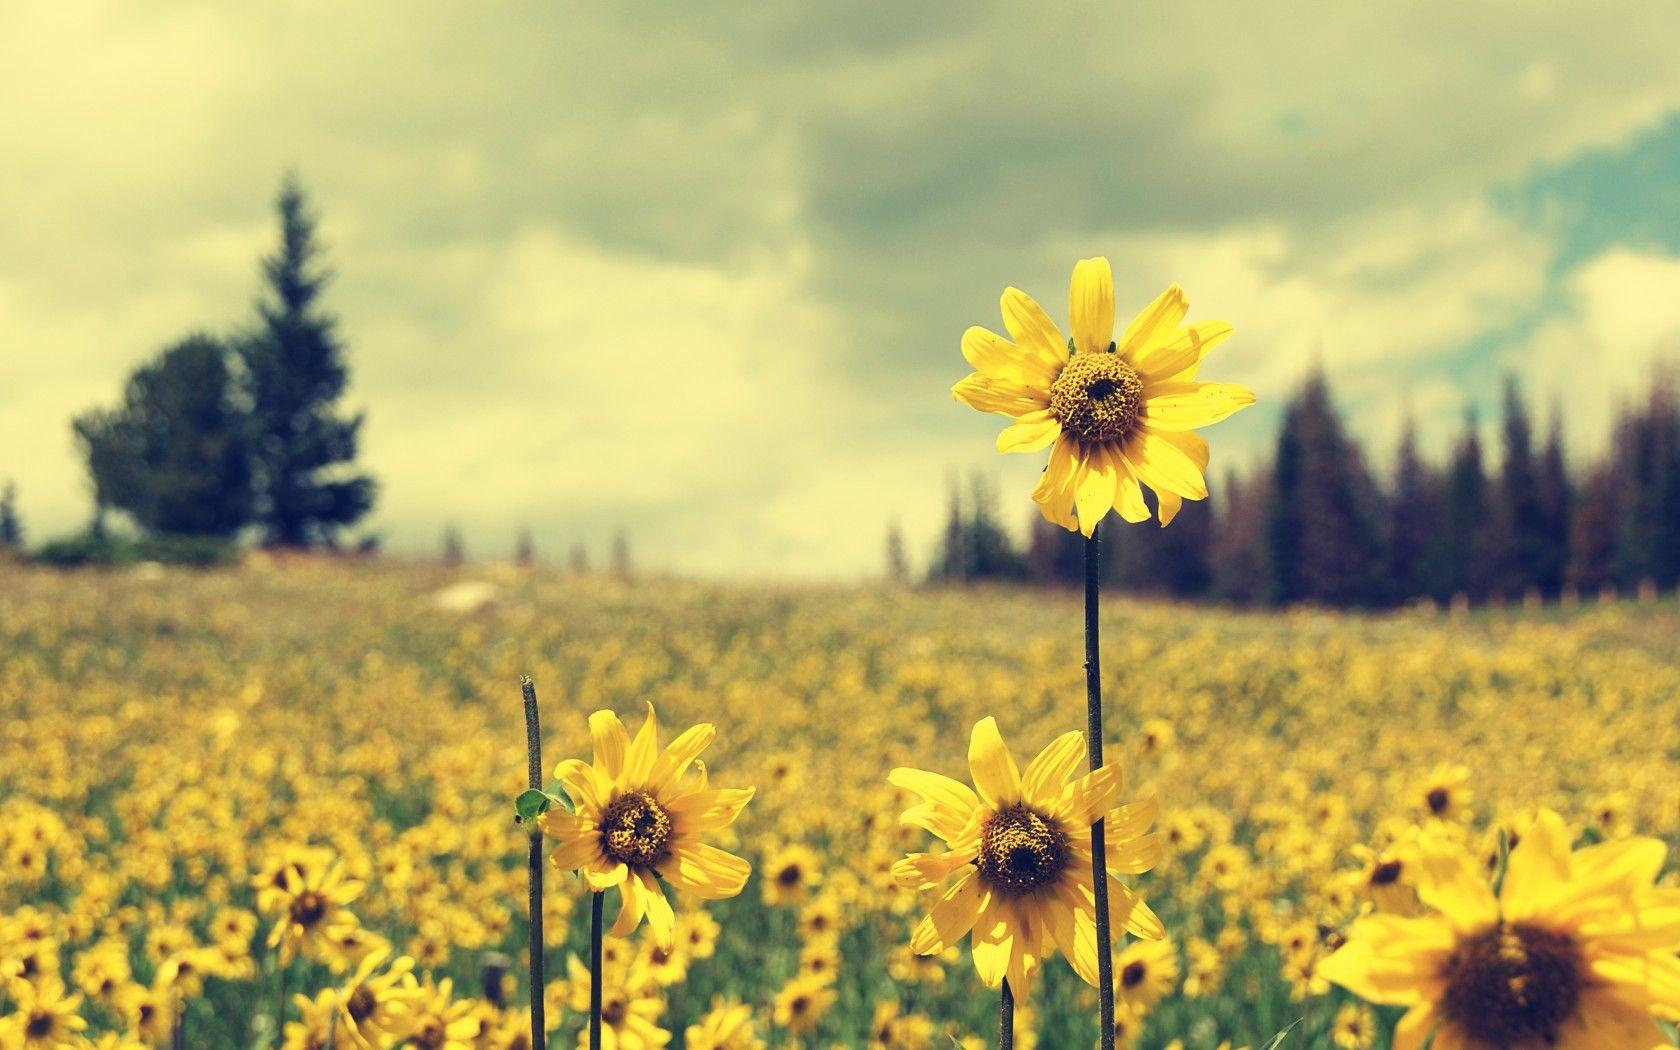 Sunflower Images For Desktop Wallpaper Sunflower Wallpaper Field Wallpaper Sunflower Field Pictures